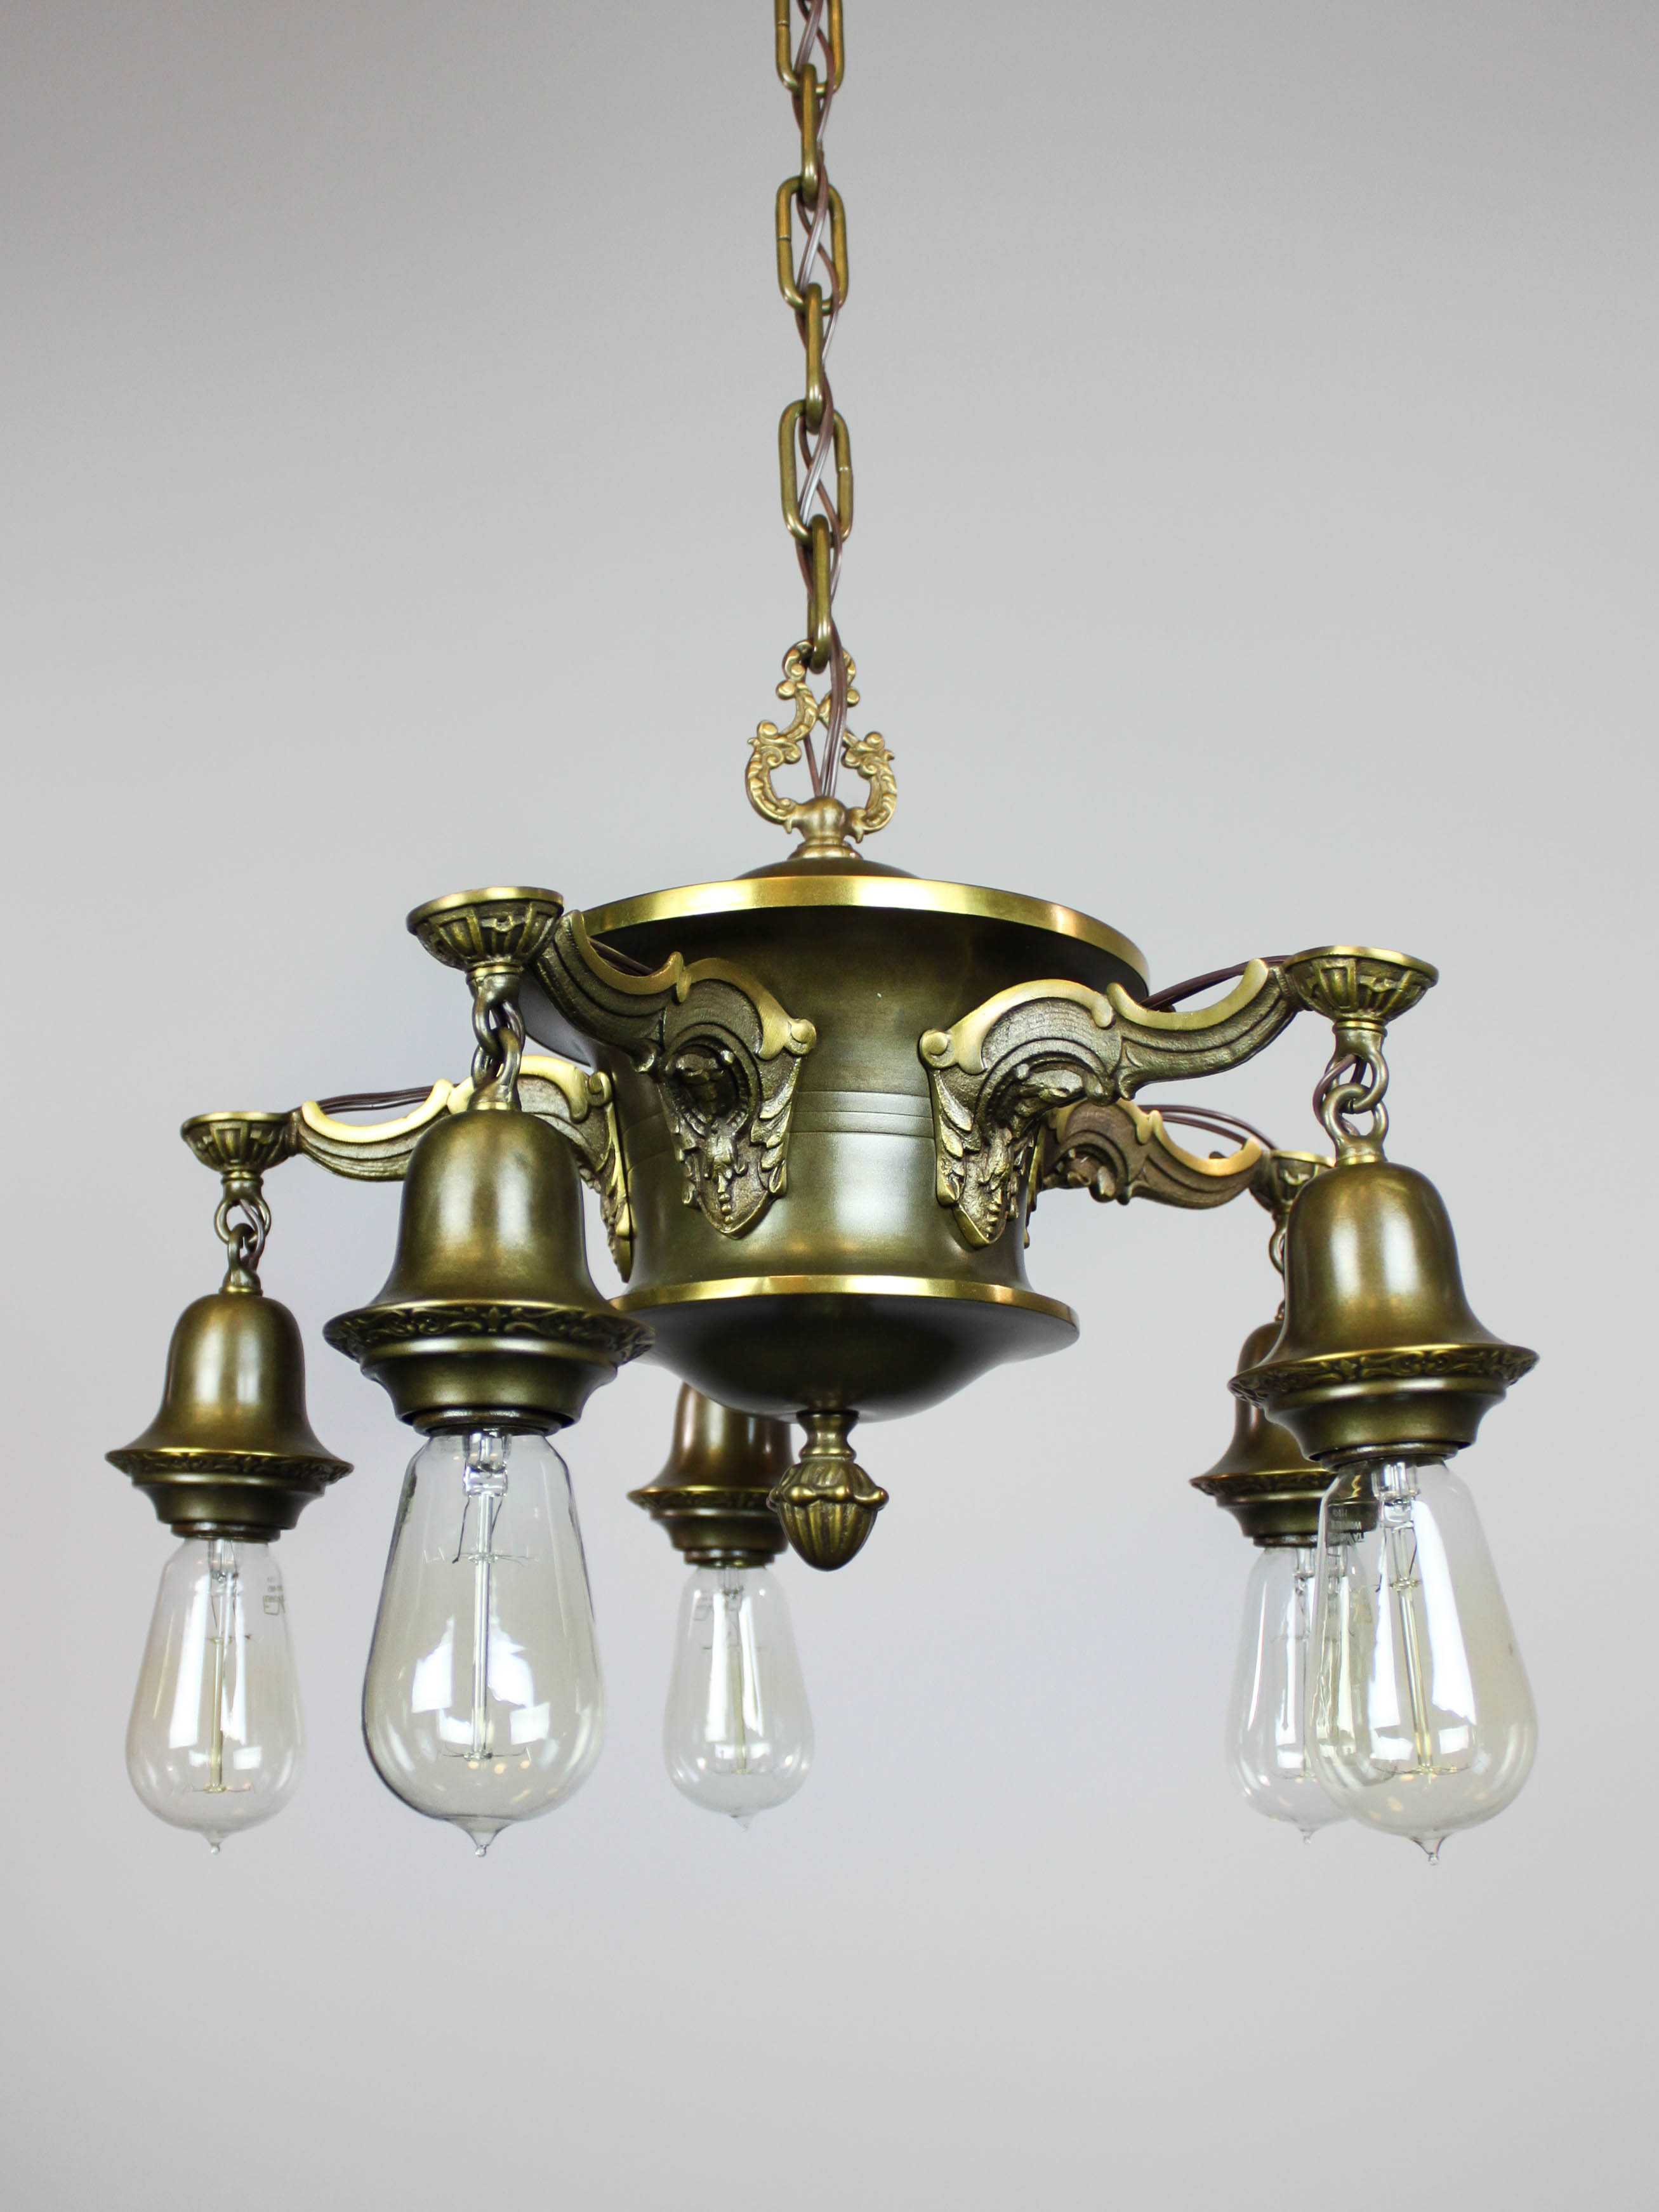 Antique Colonial Revival Pan Light Fixture 5 Light